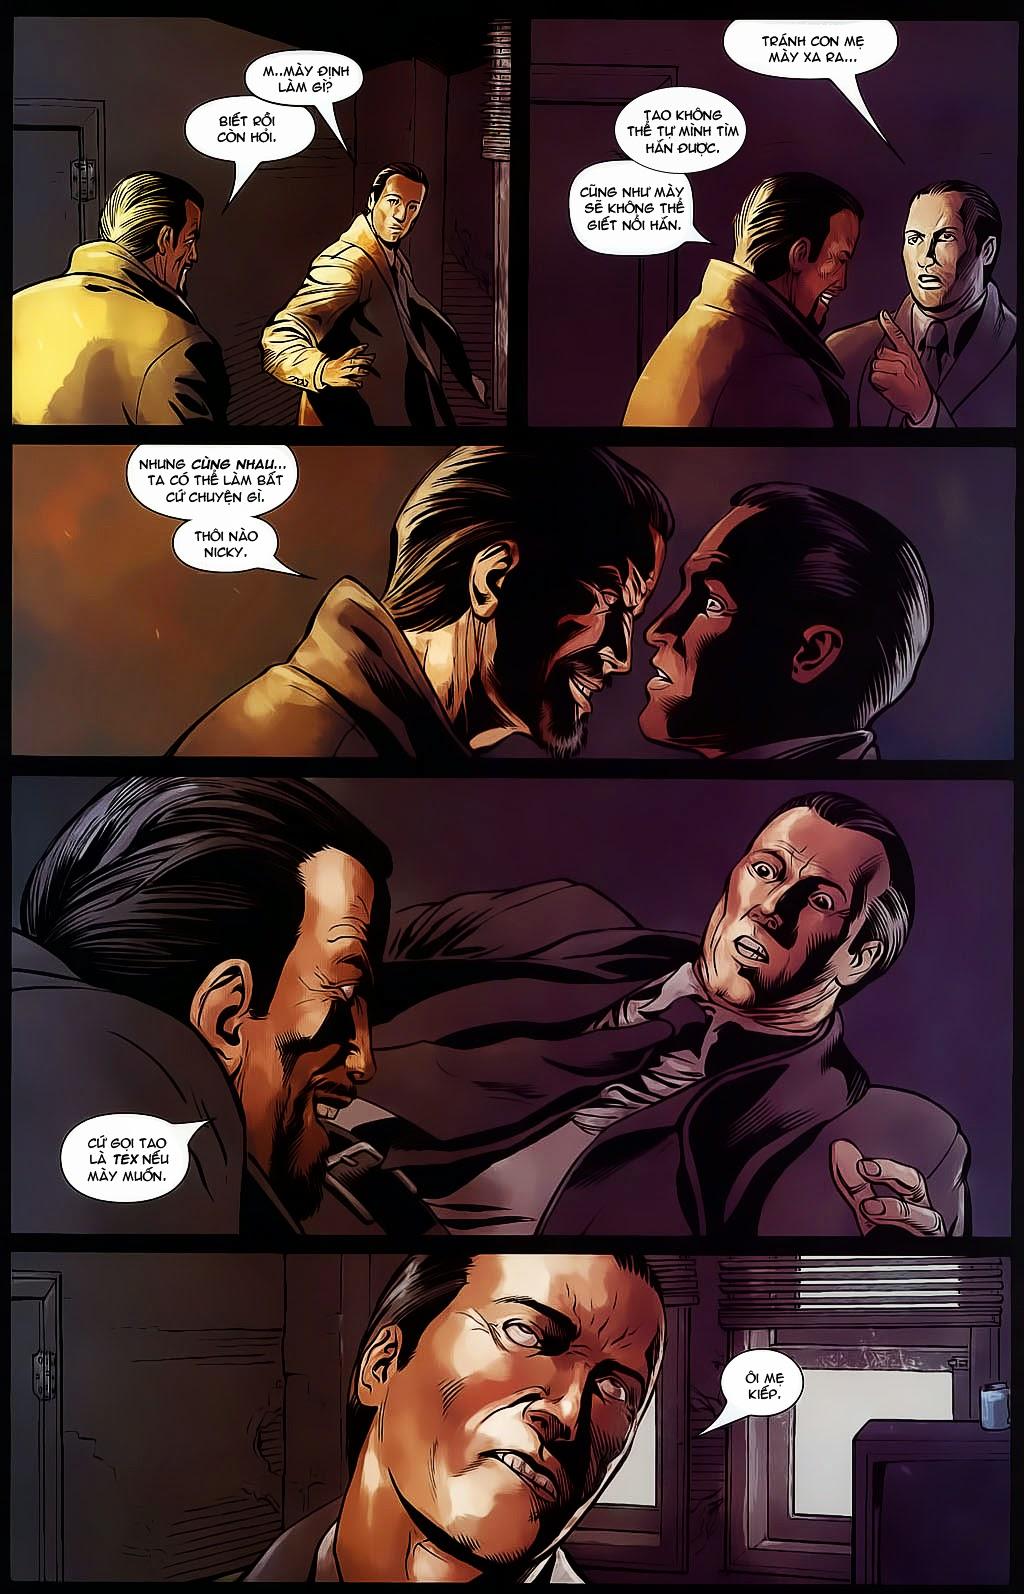 The Punisher: Trên là Dưới & Trắng là Đen chap 4 - Trang 10